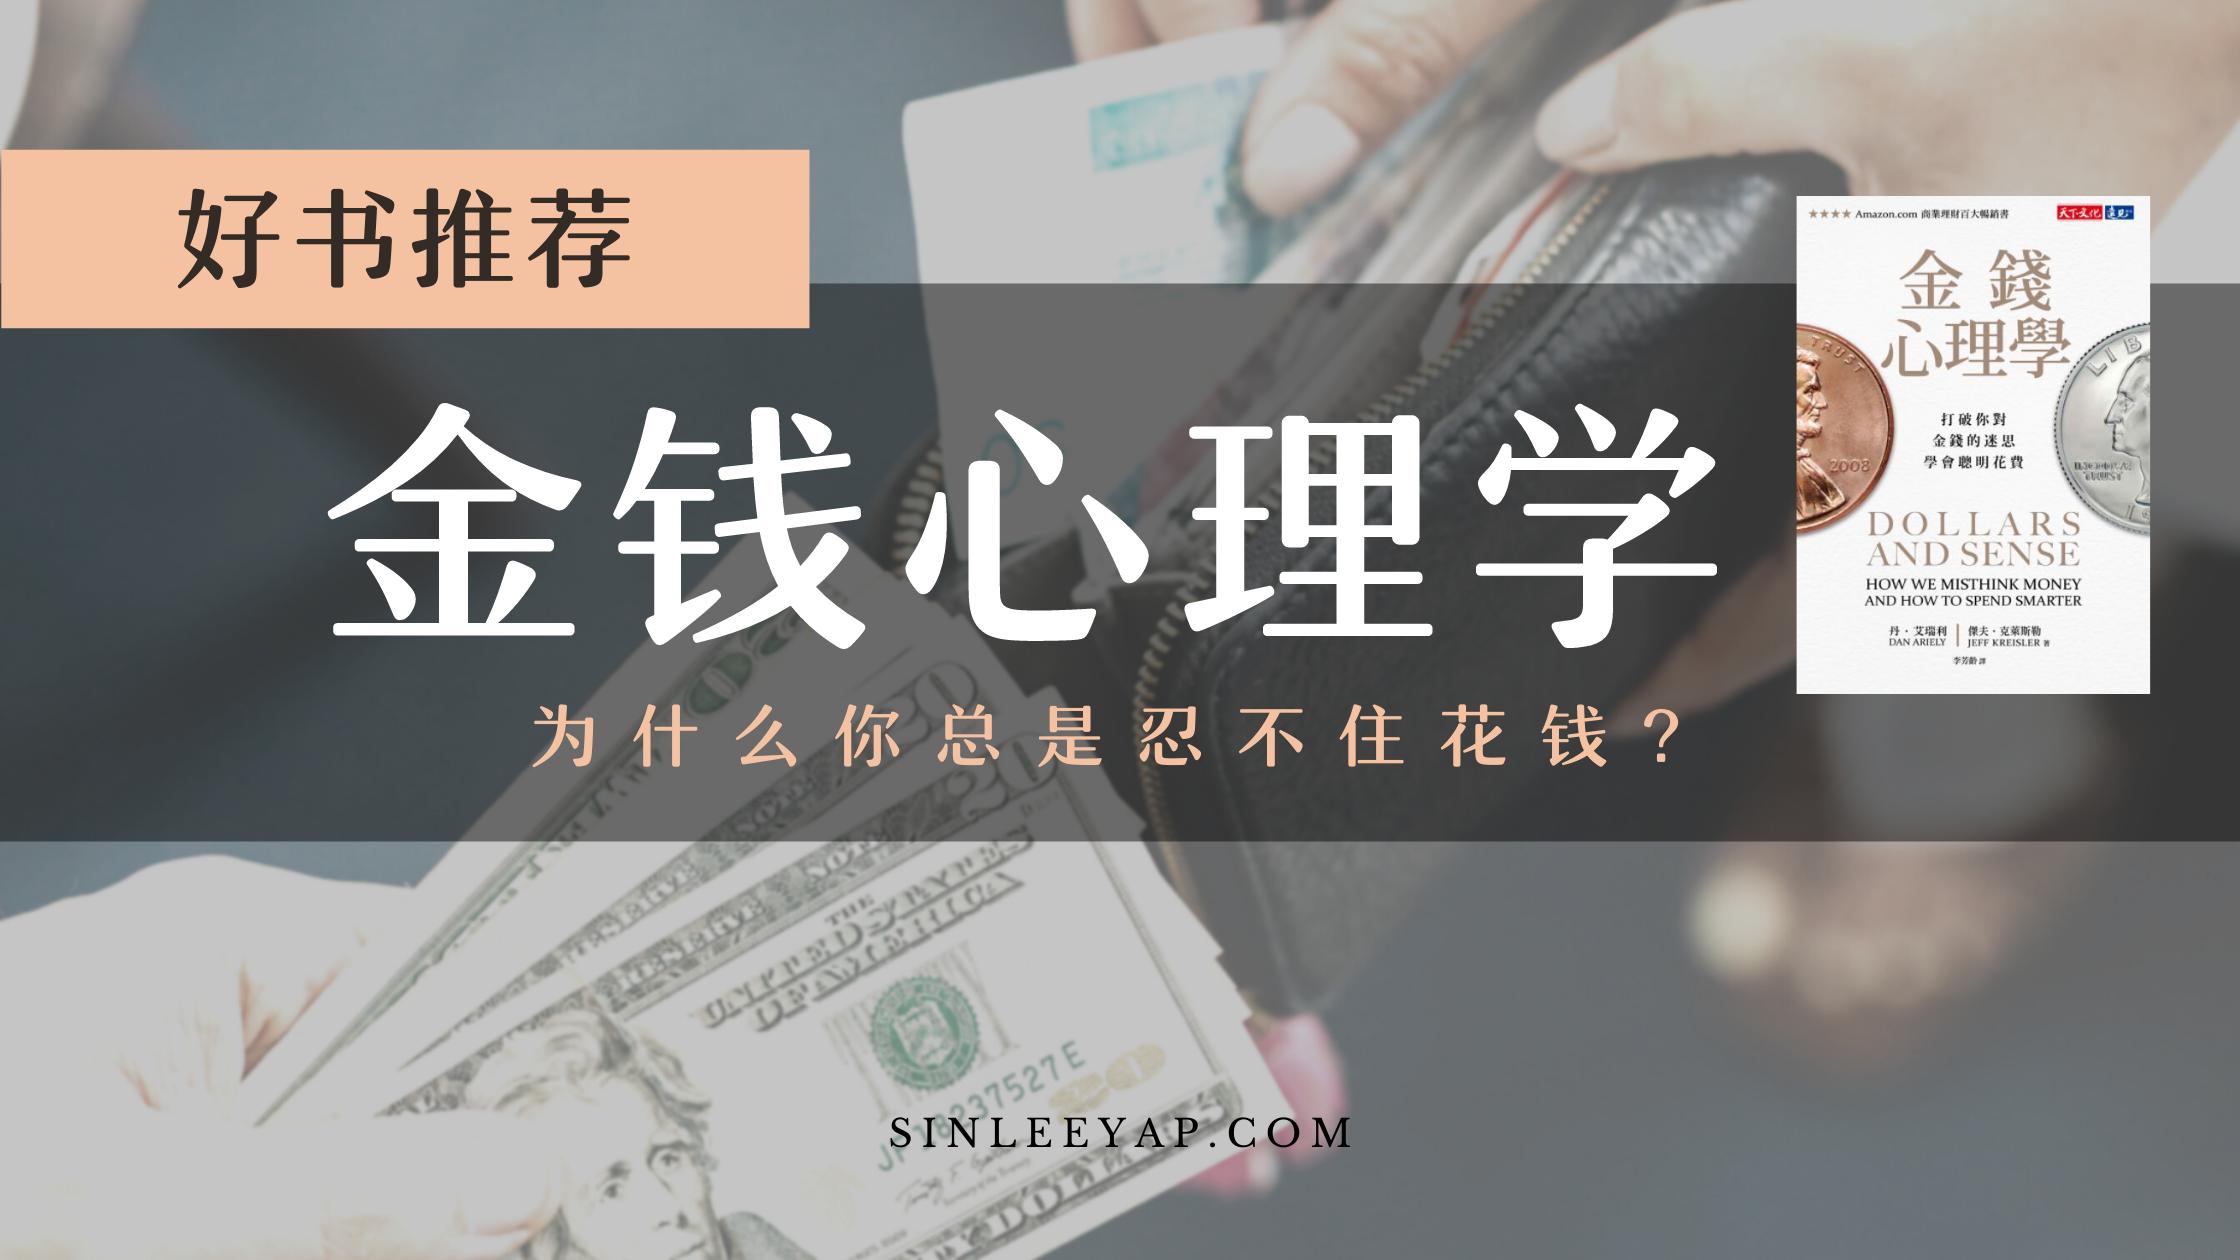 金钱心理学